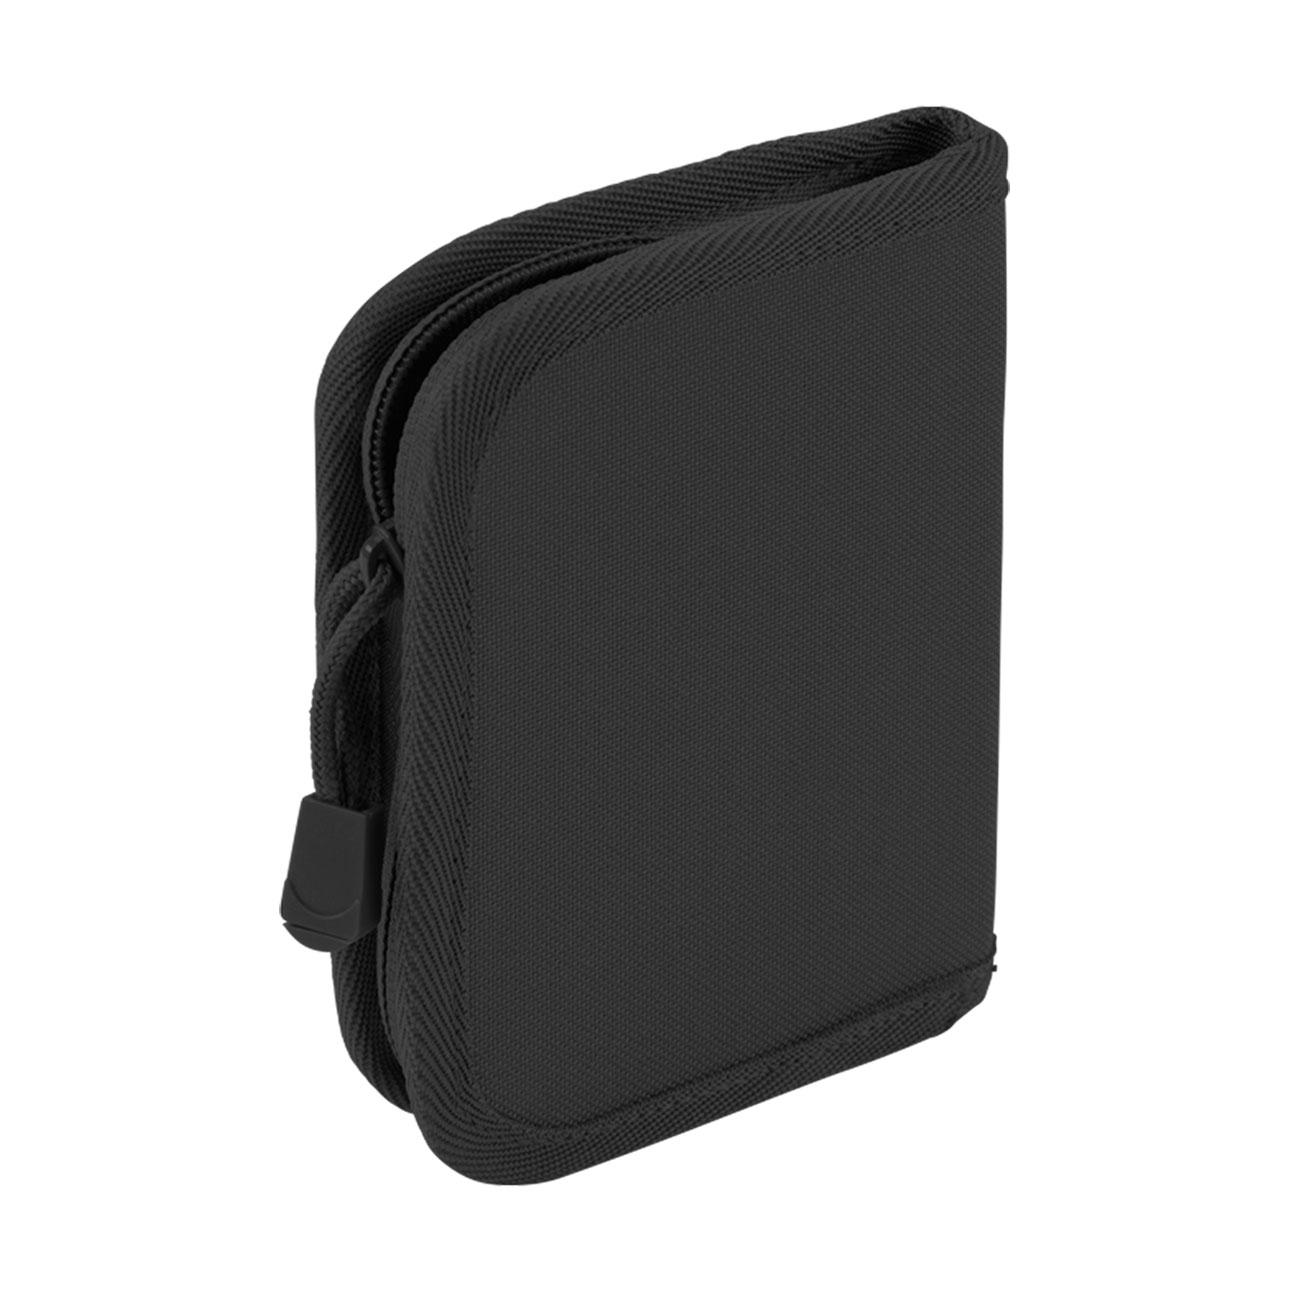 f4318386efe5 Brandit Geldbeutel Wallet schwarz mit Reißverschluss